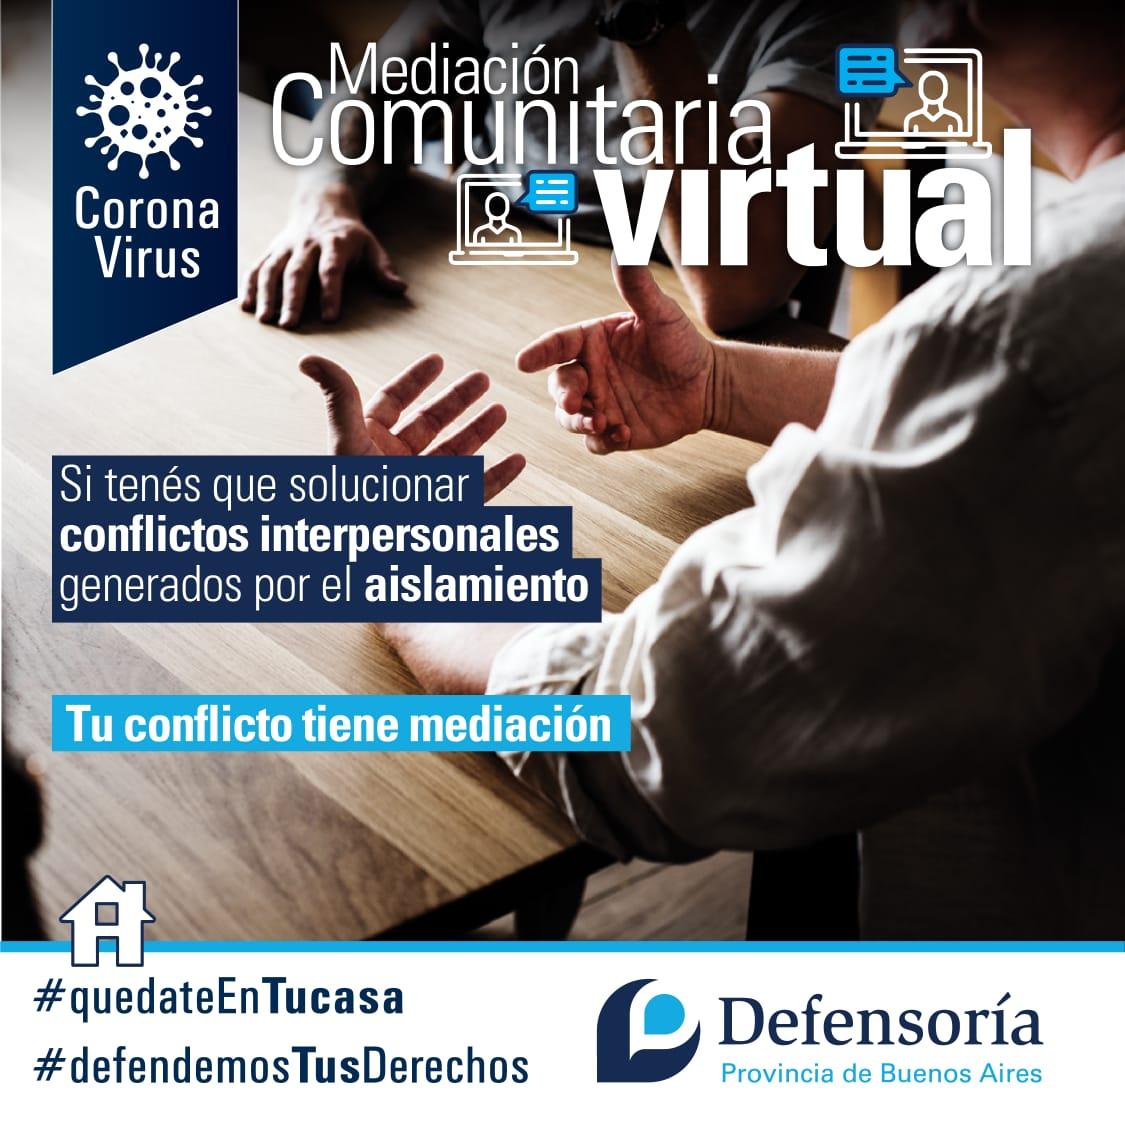 La Defensoría lanza el servicio de mediación comunitaria virtual